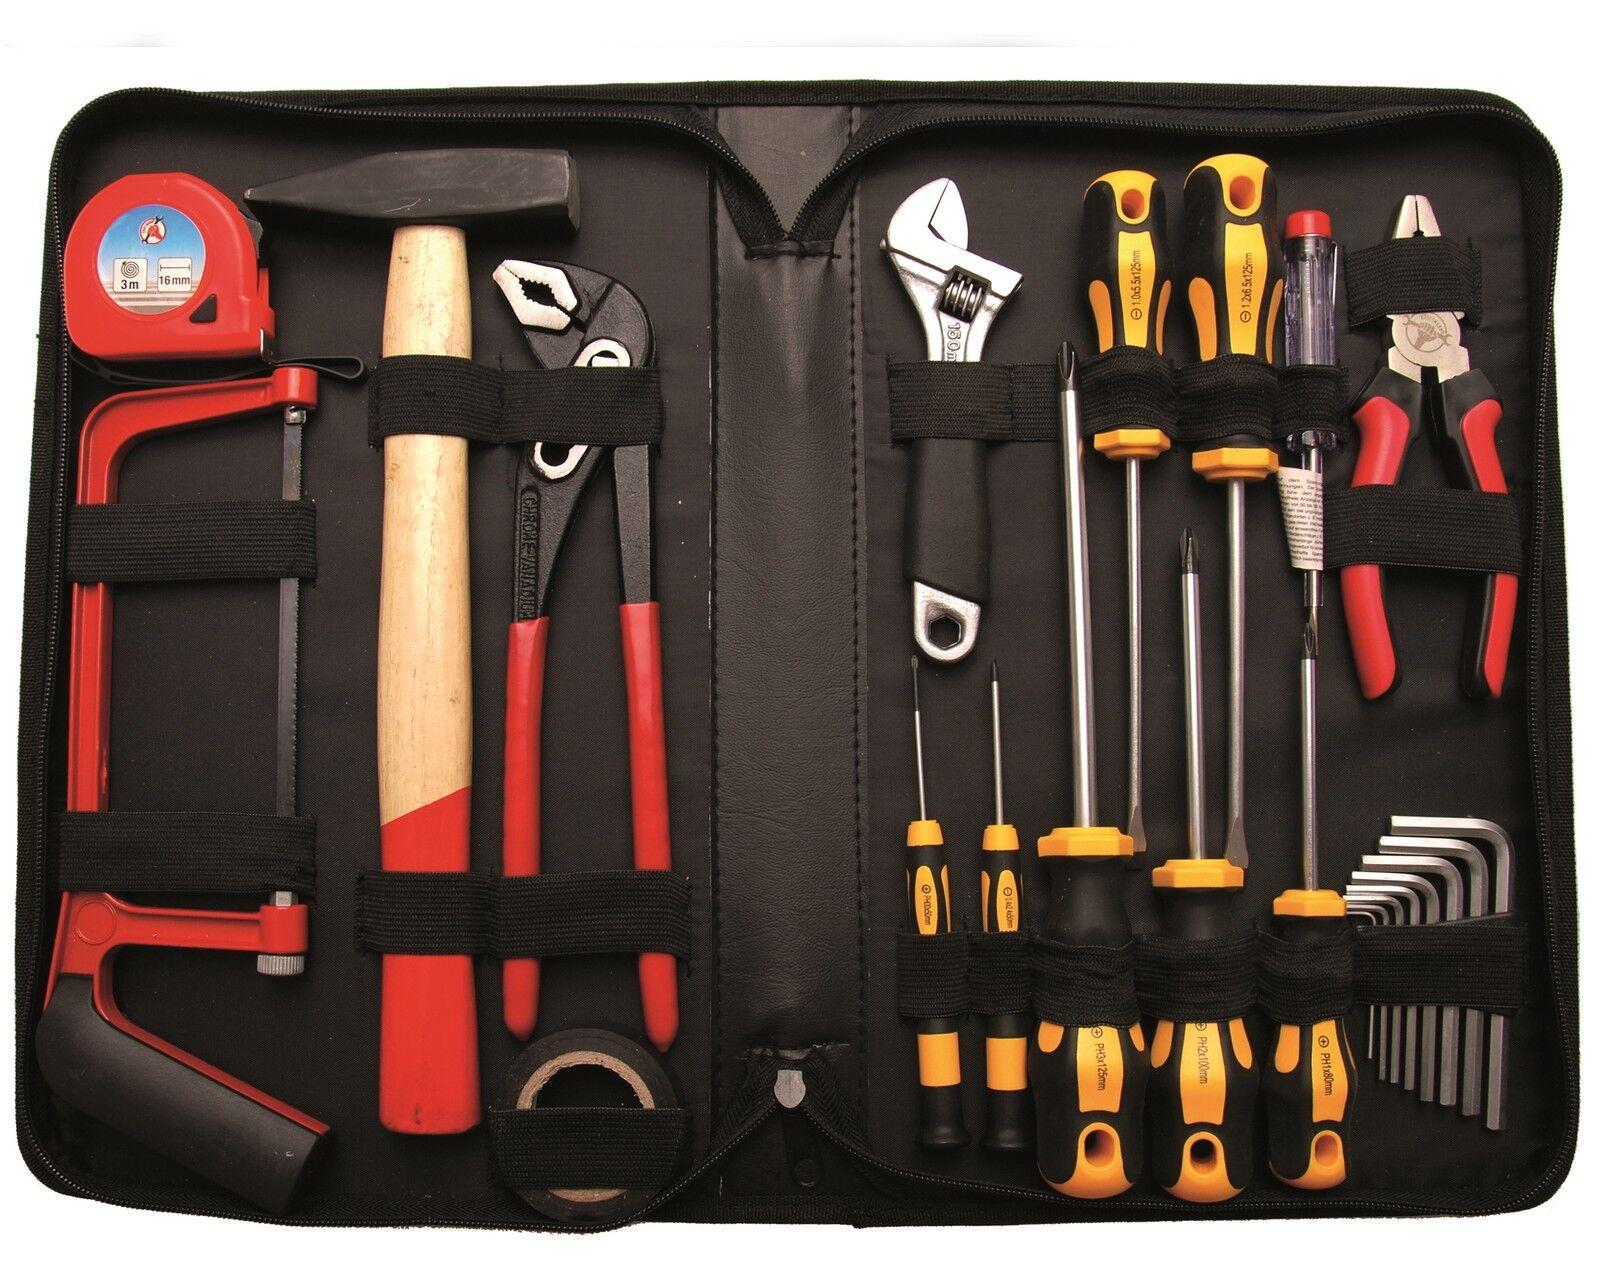 Werkzeug Sortiment Tasche Werkzeuge Zangen Schraubendreher Hammer Schlüssel Säge